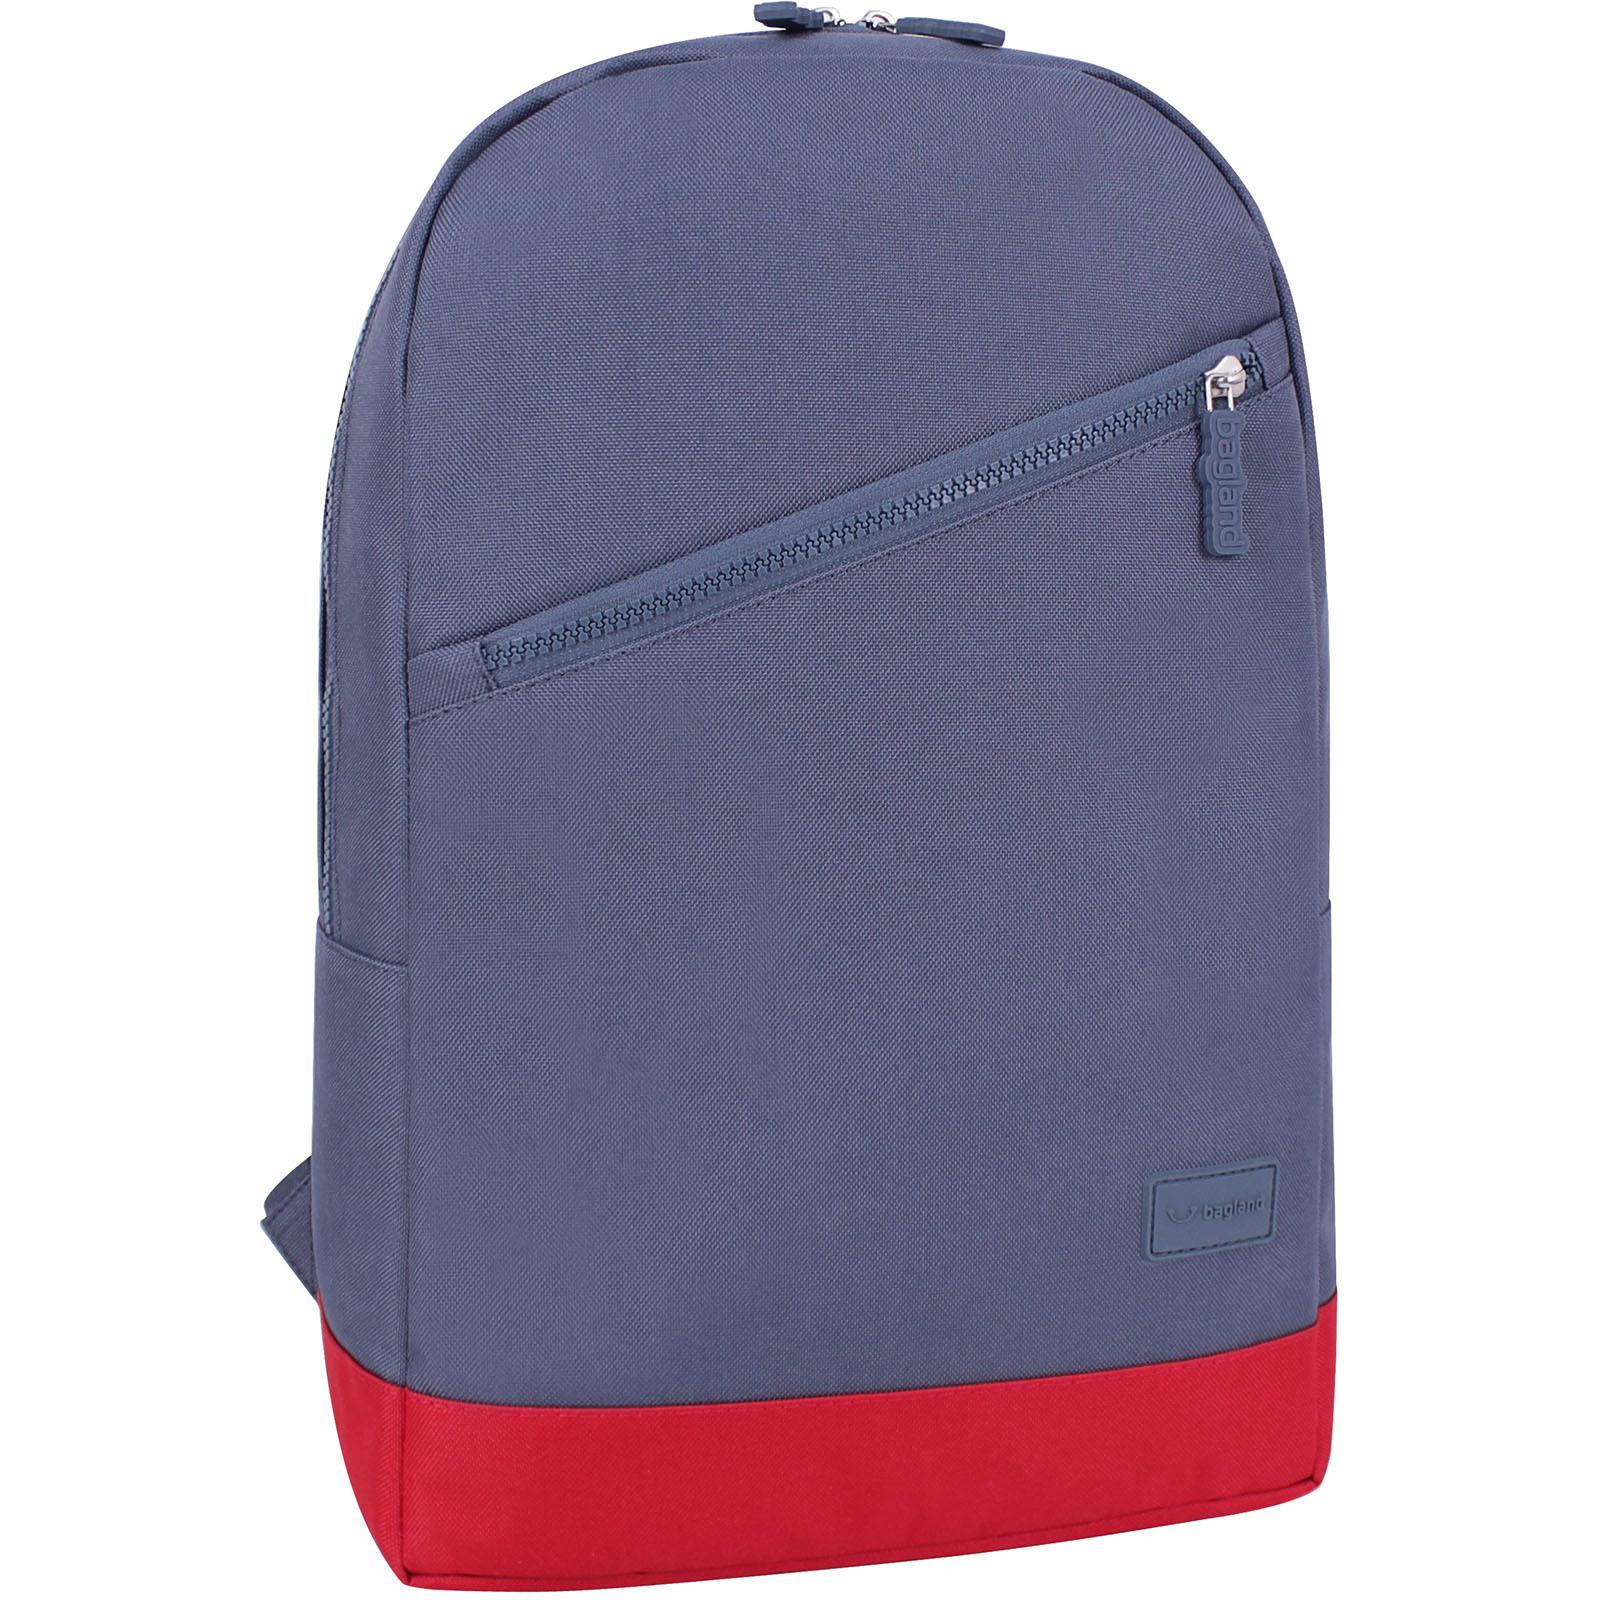 Городские рюкзаки Рюкзак Bagland Amber 15 л. серый/красный (0010466) IMG_5253.JPG